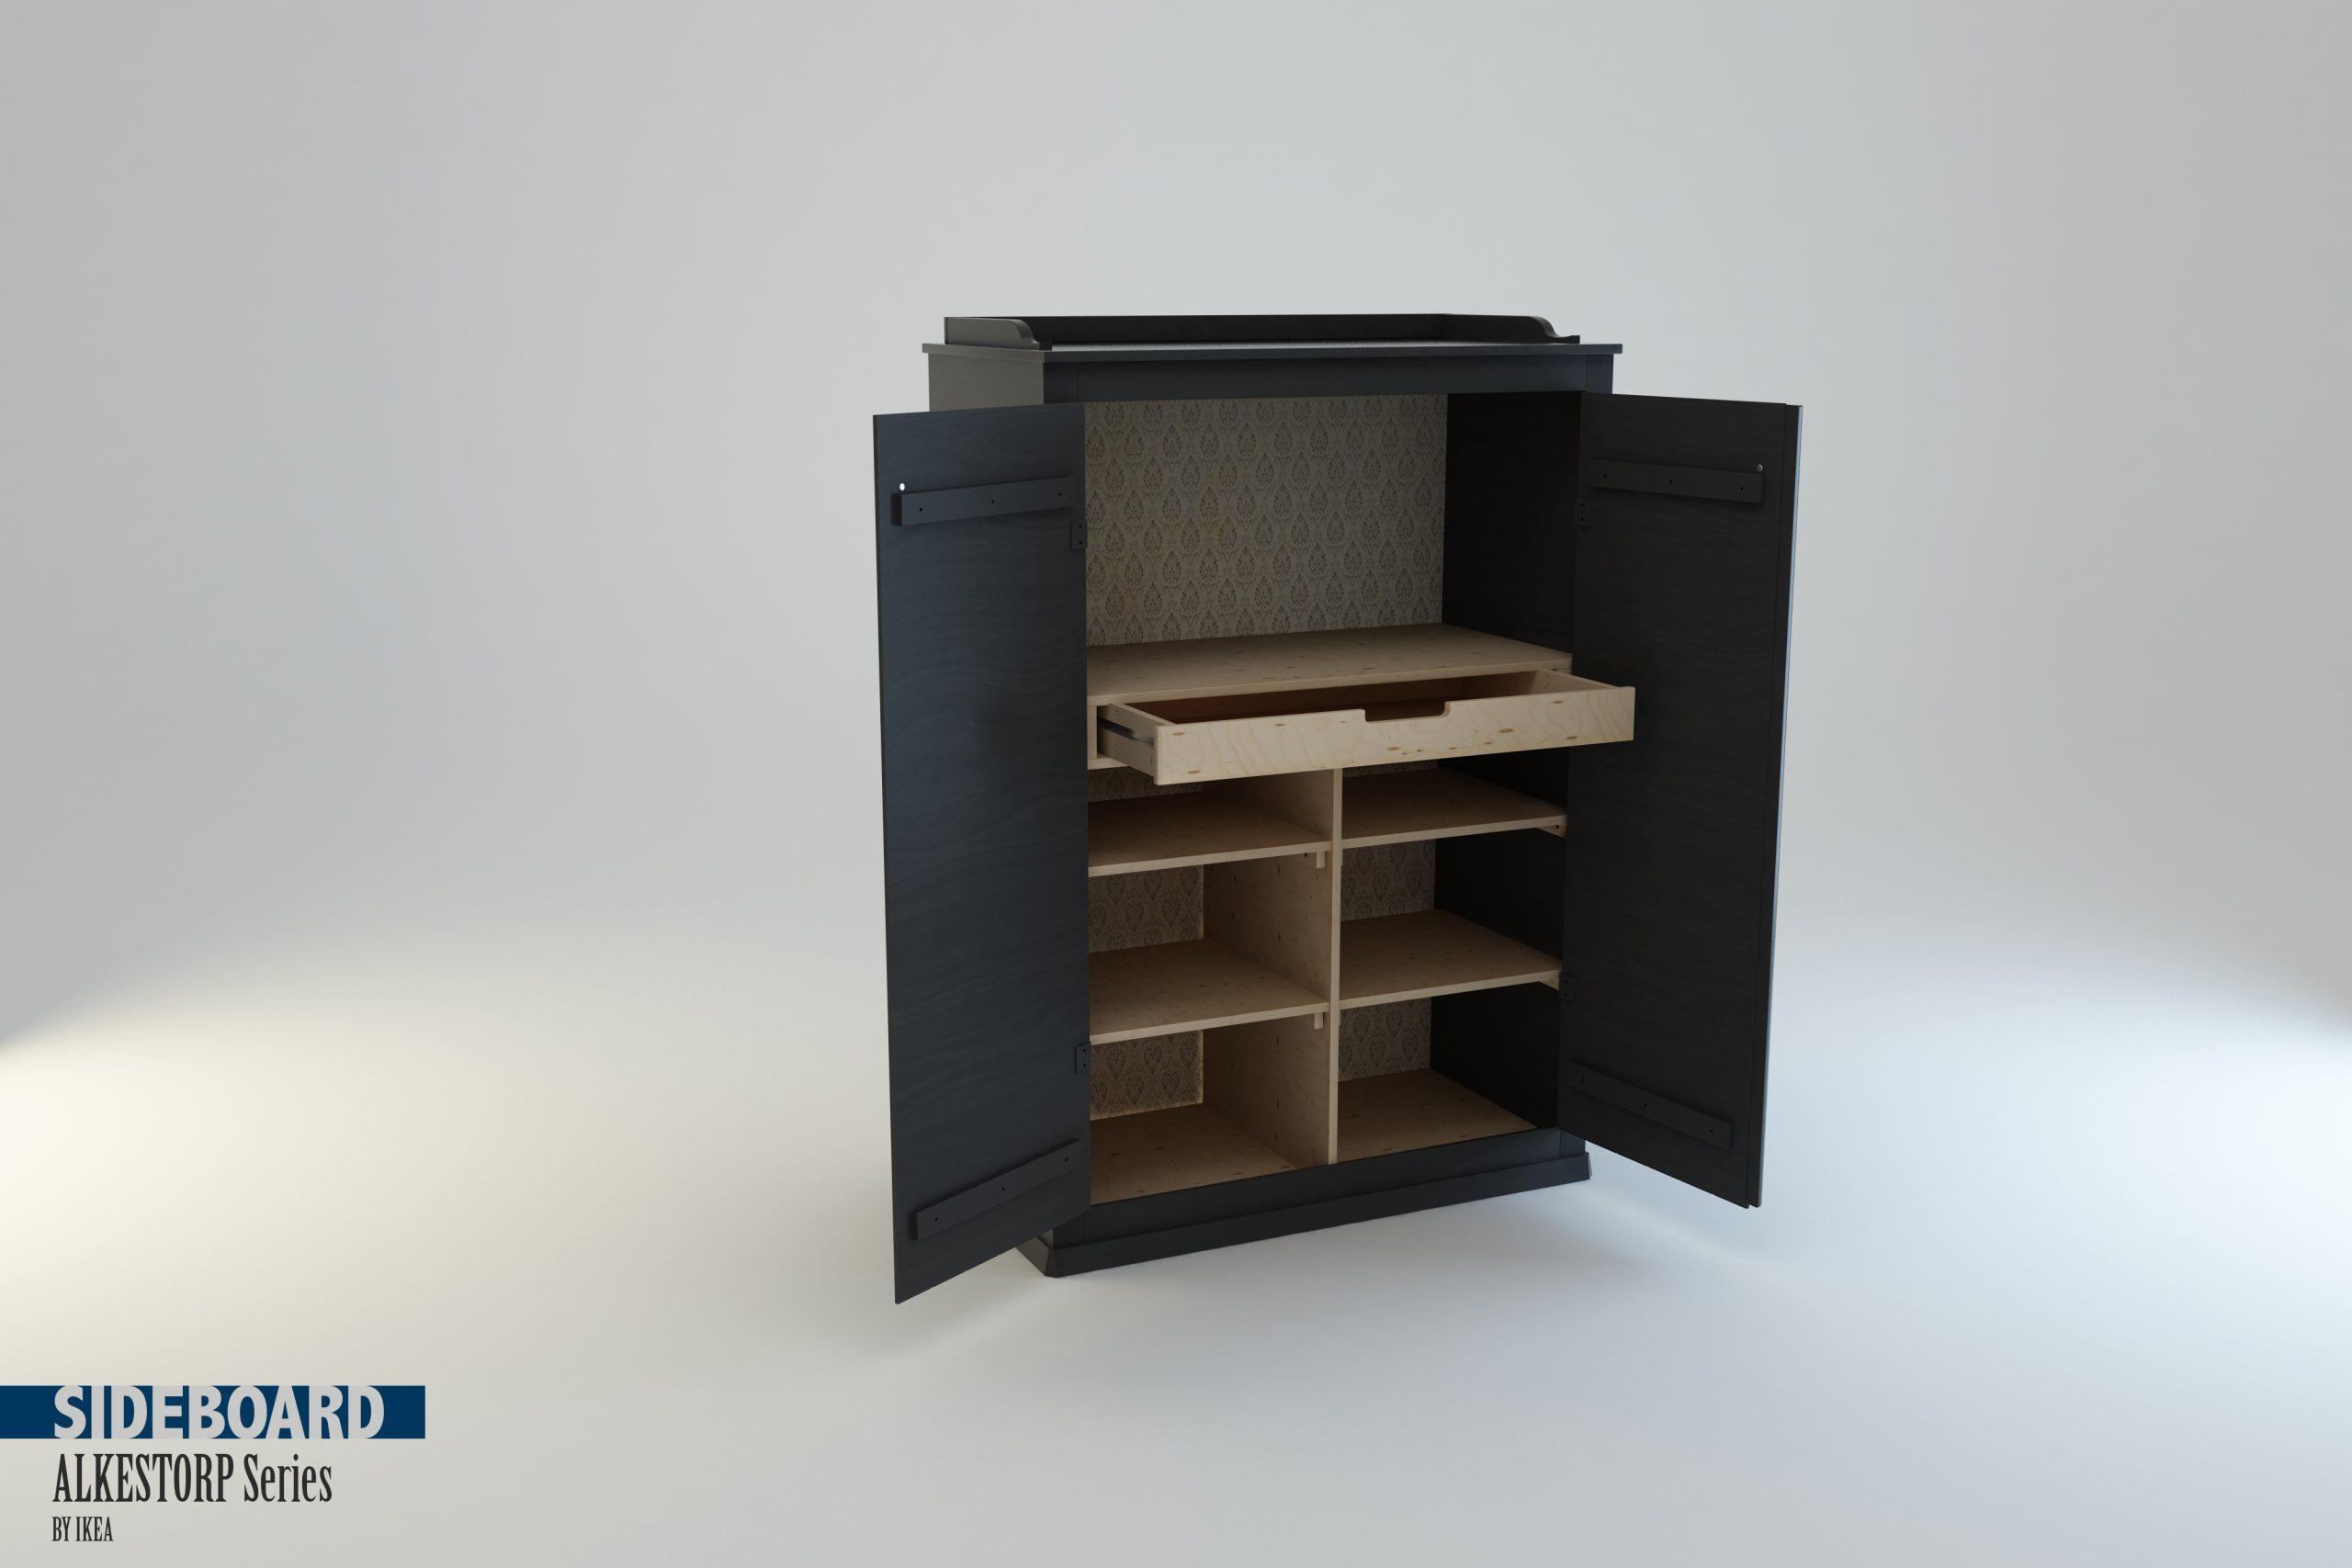 Full Size of 3d Sideboard Arkelstorp Set Ikea Model Küche Mit Arbeitsplatte Modulküche Betten 160x200 Kaufen Kosten Sofa Schlaffunktion Bei Miniküche Wohnzimmer Wohnzimmer Ikea Sideboard